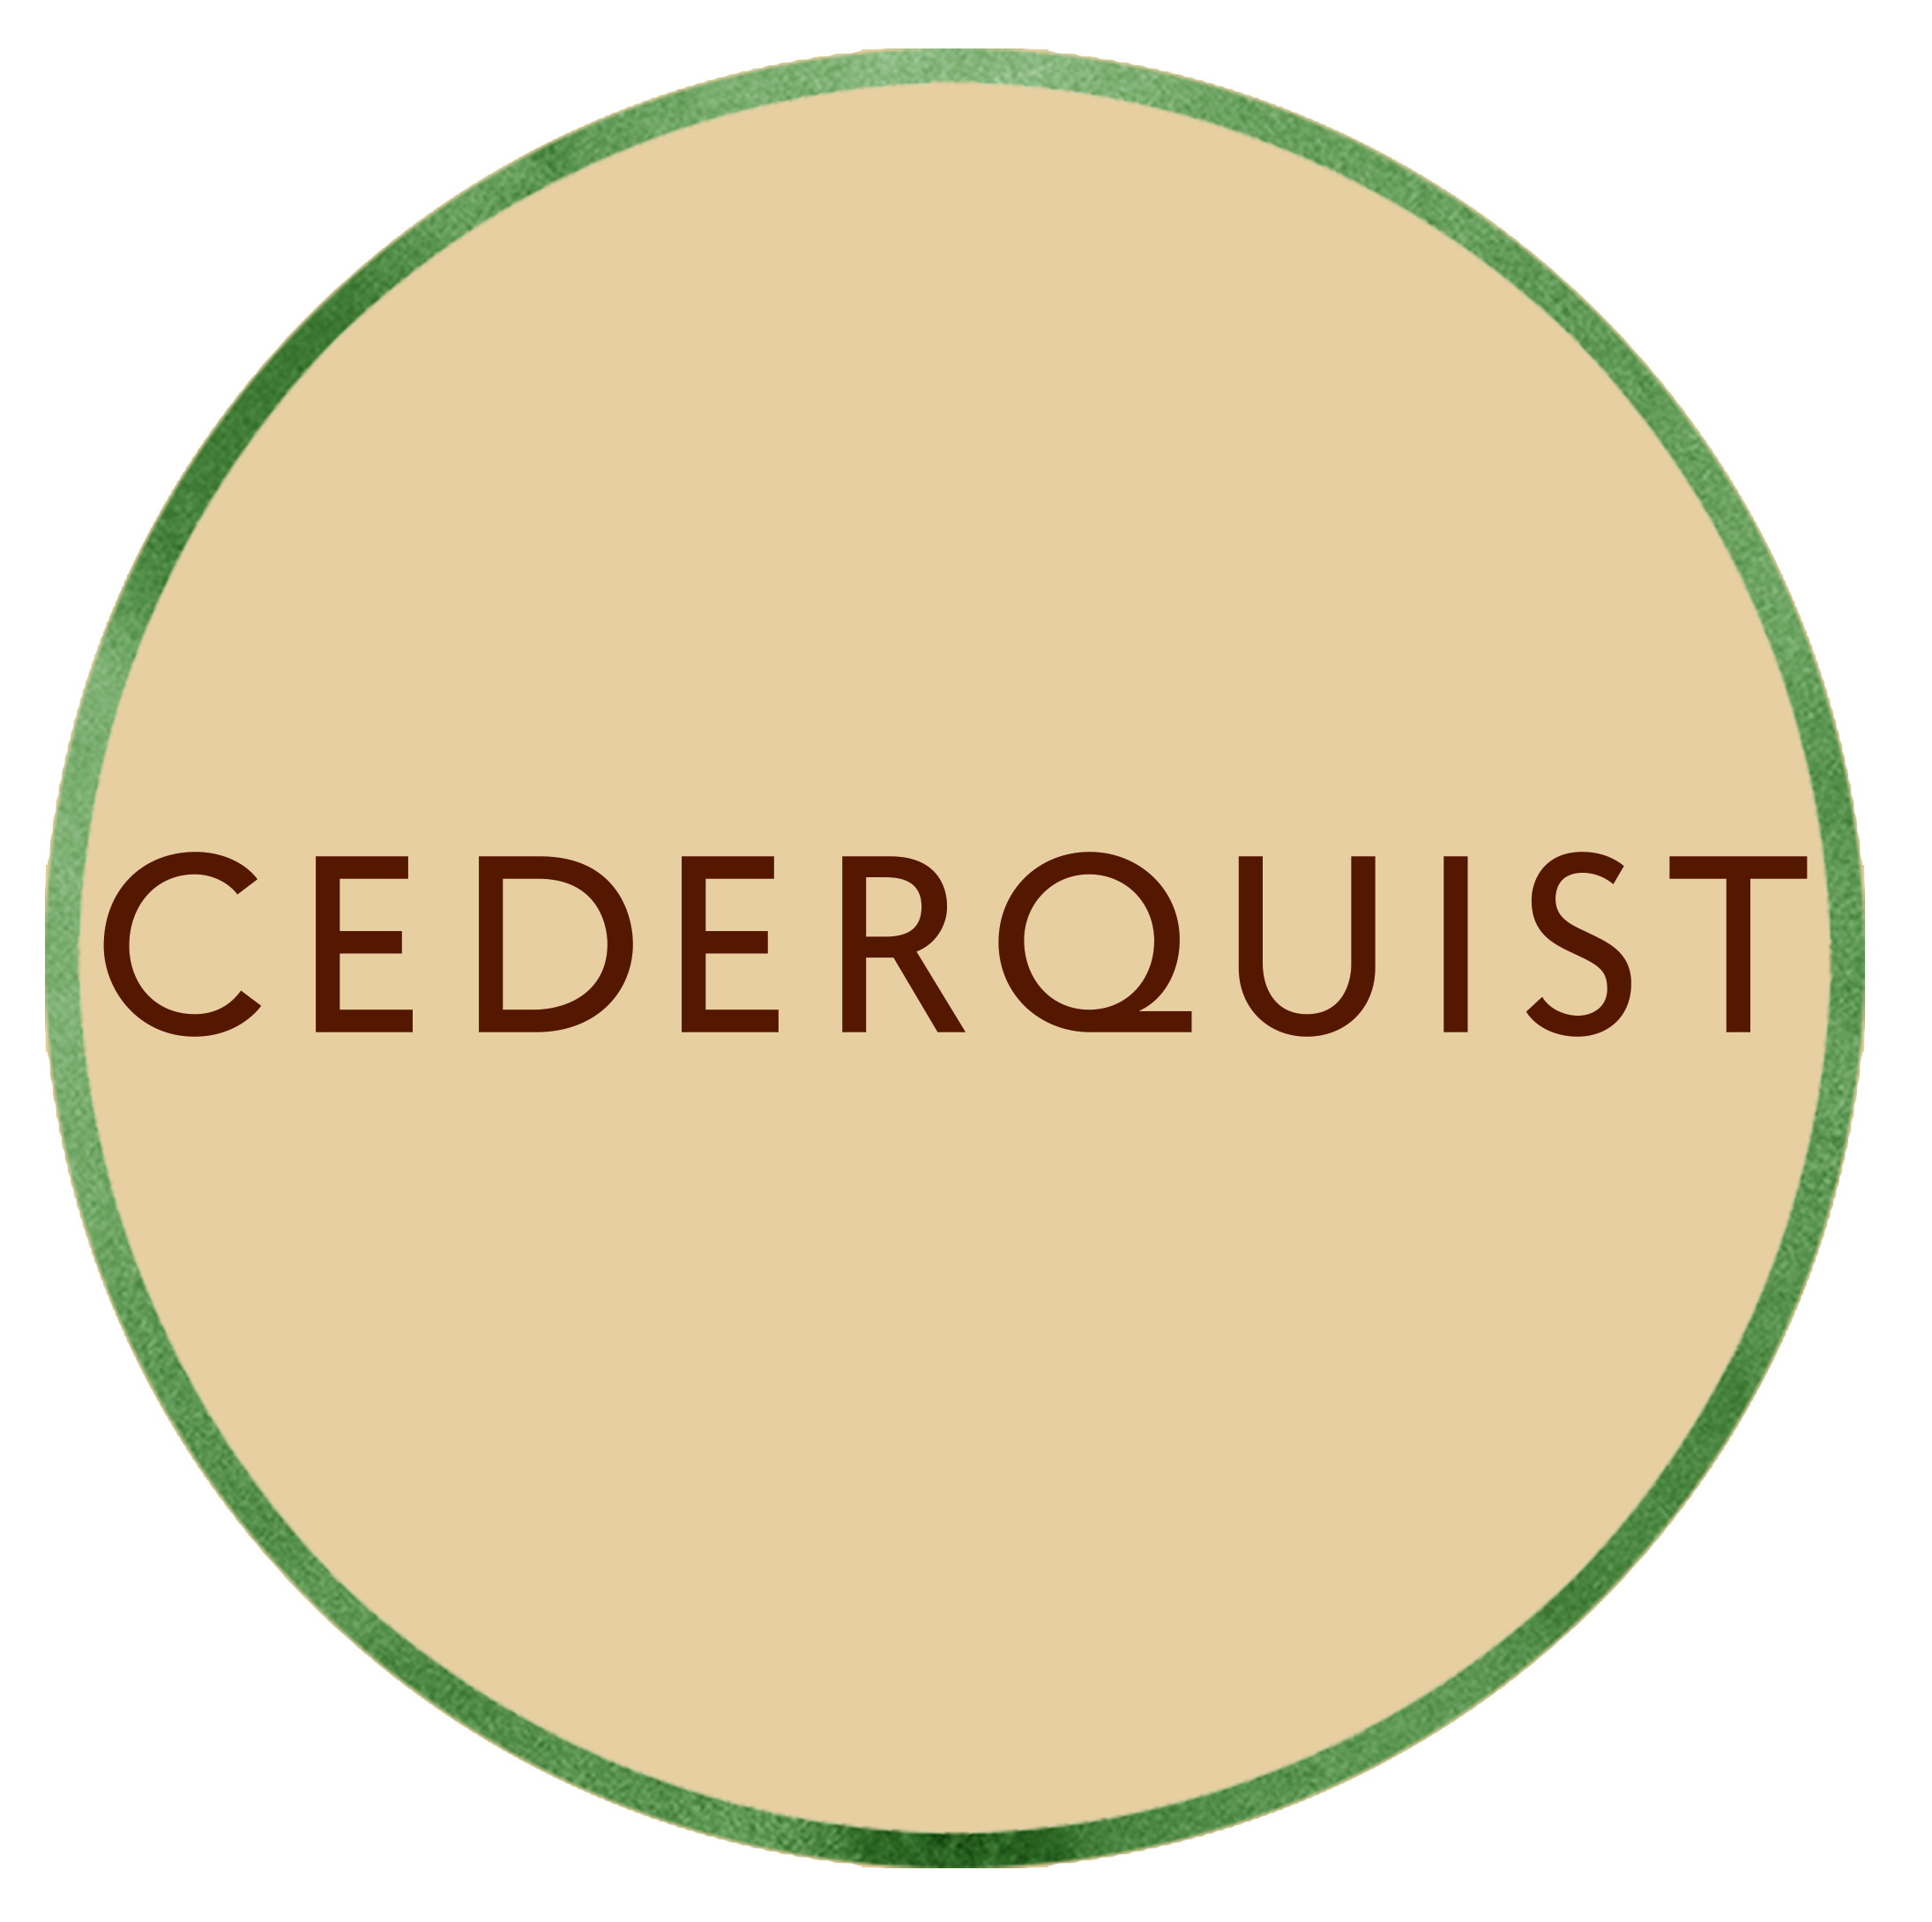 Cederquist